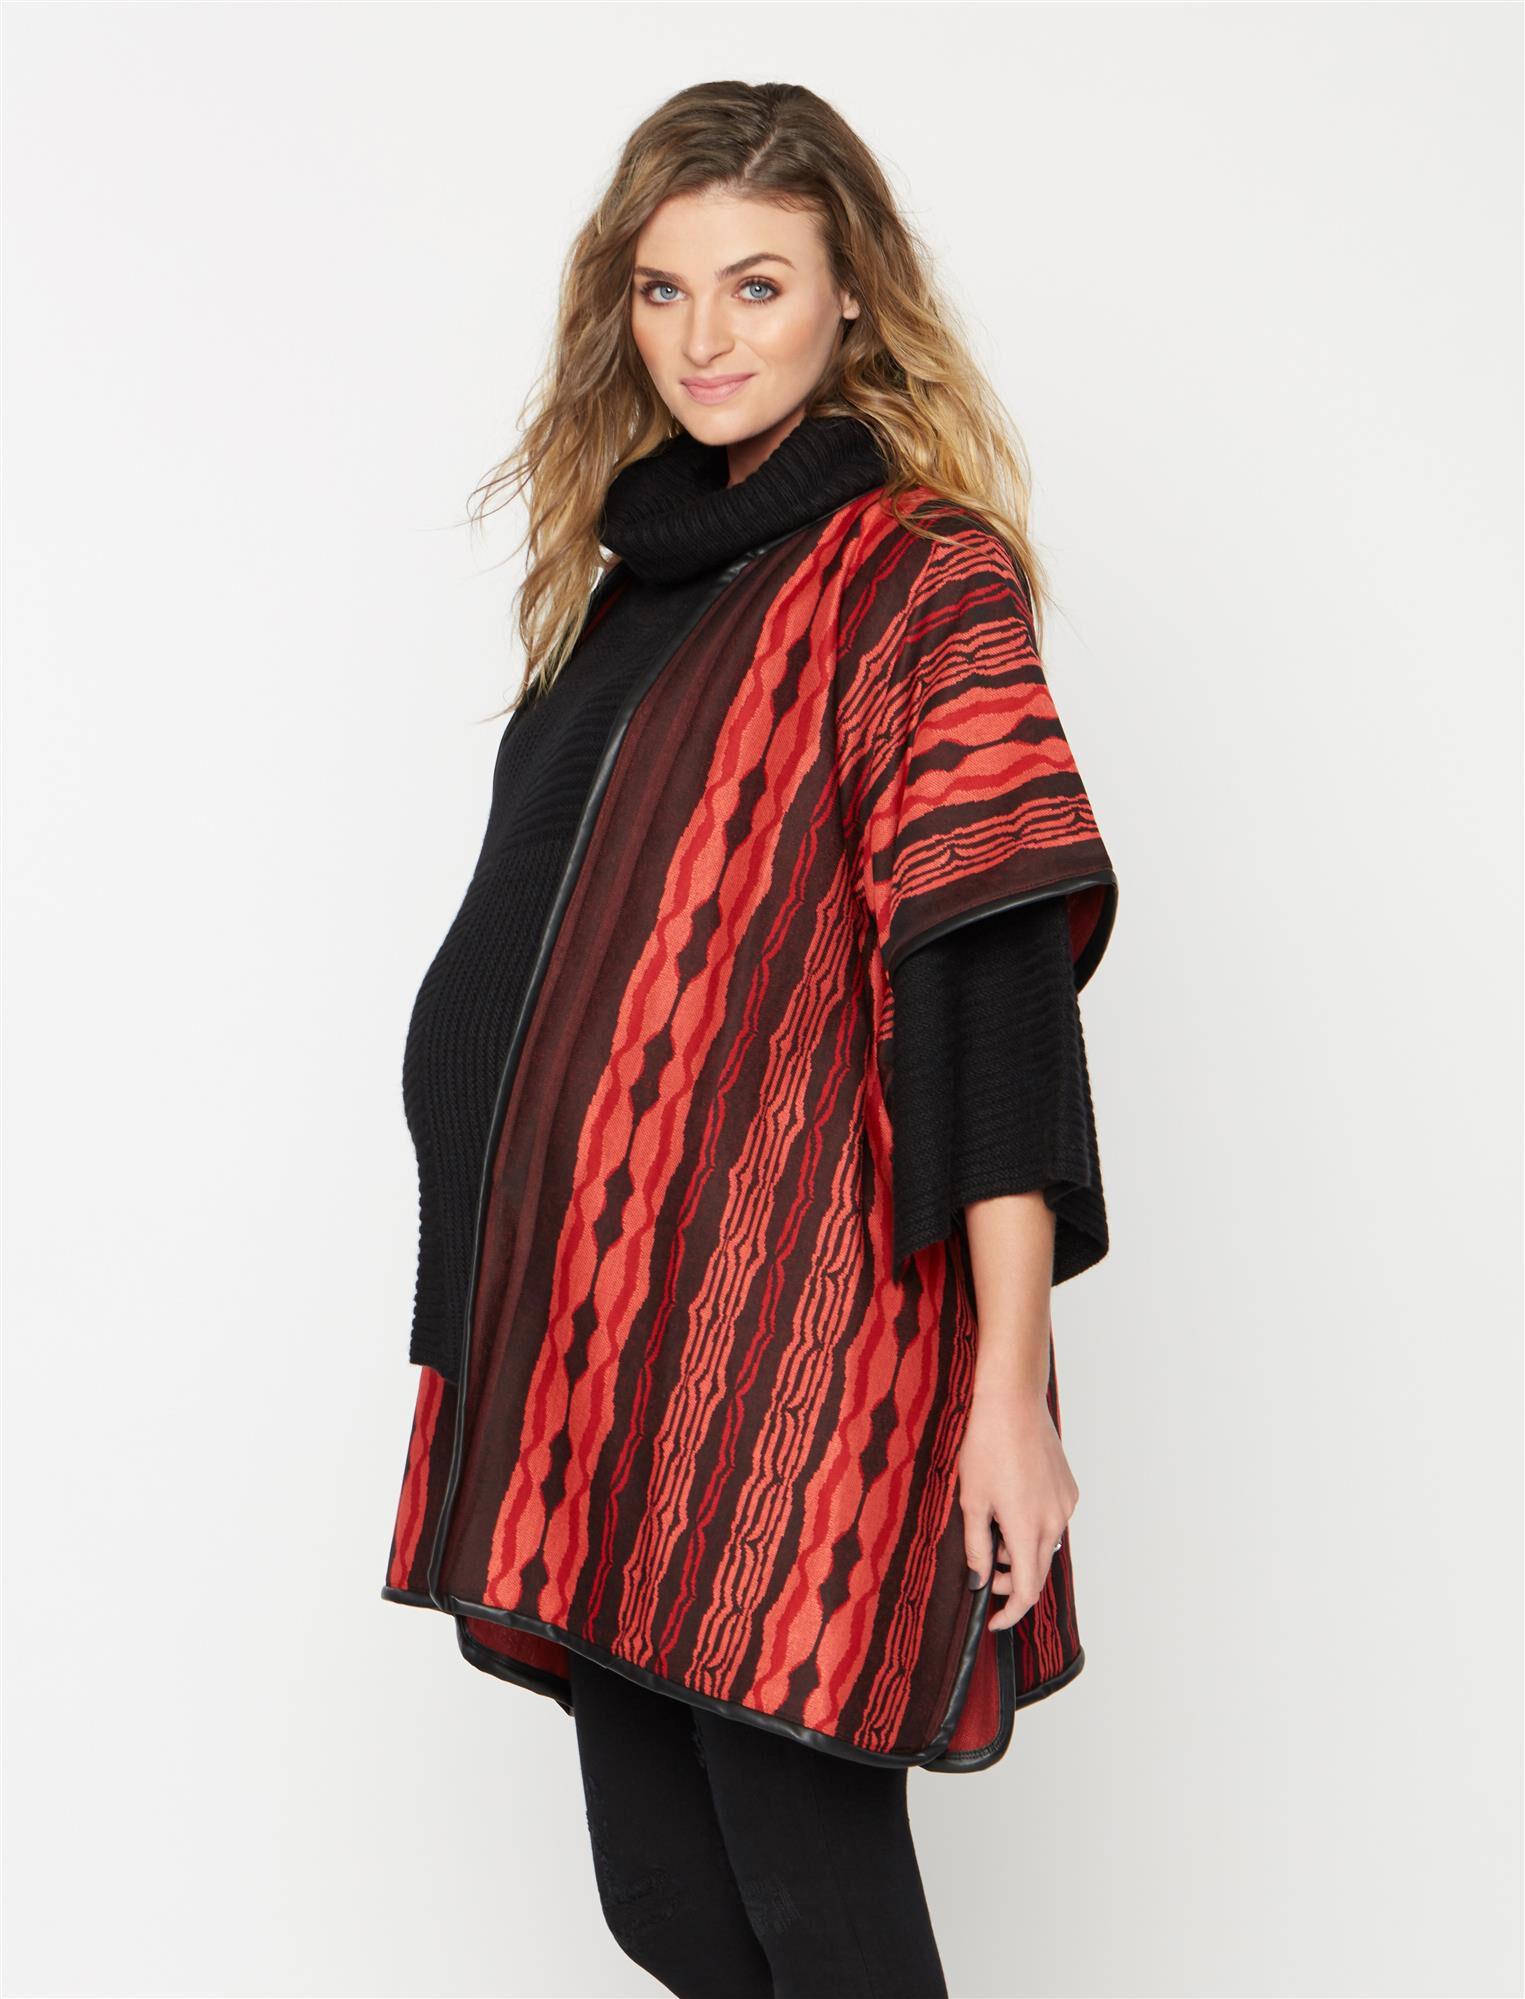 Yoana Baraschi Super Soft Wool Maternity Jacket